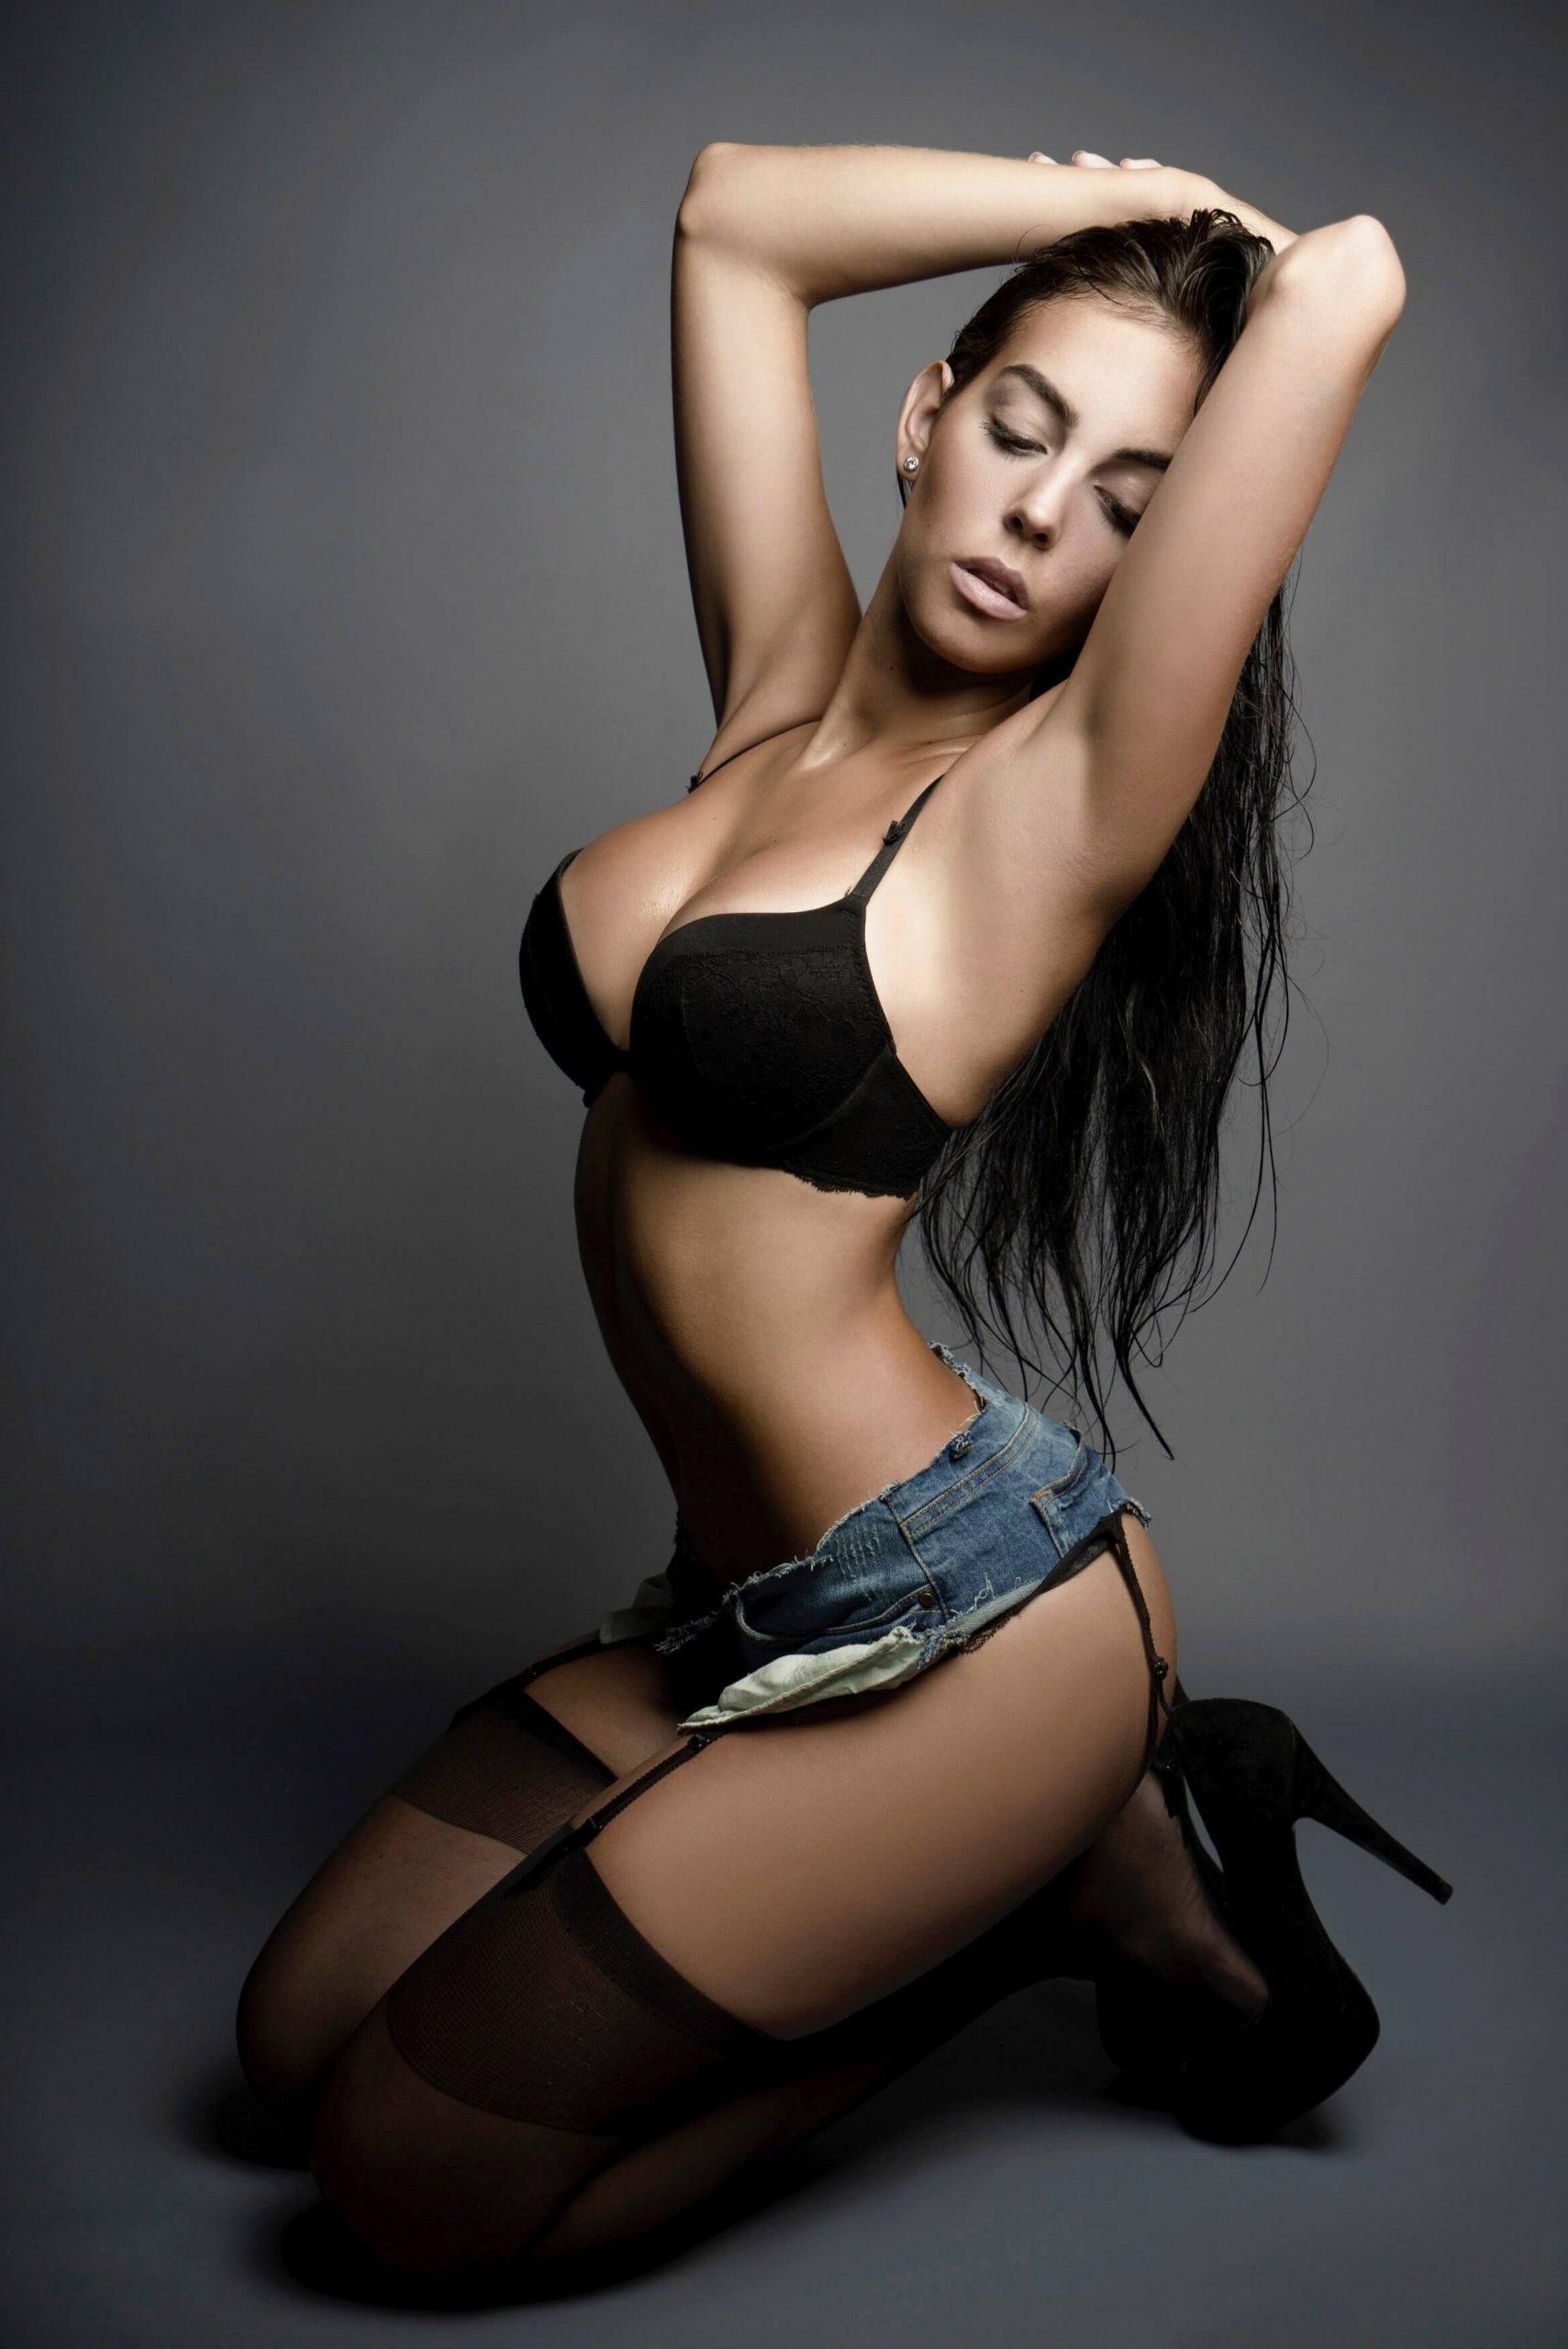 Georgina Rodriguez hot pic